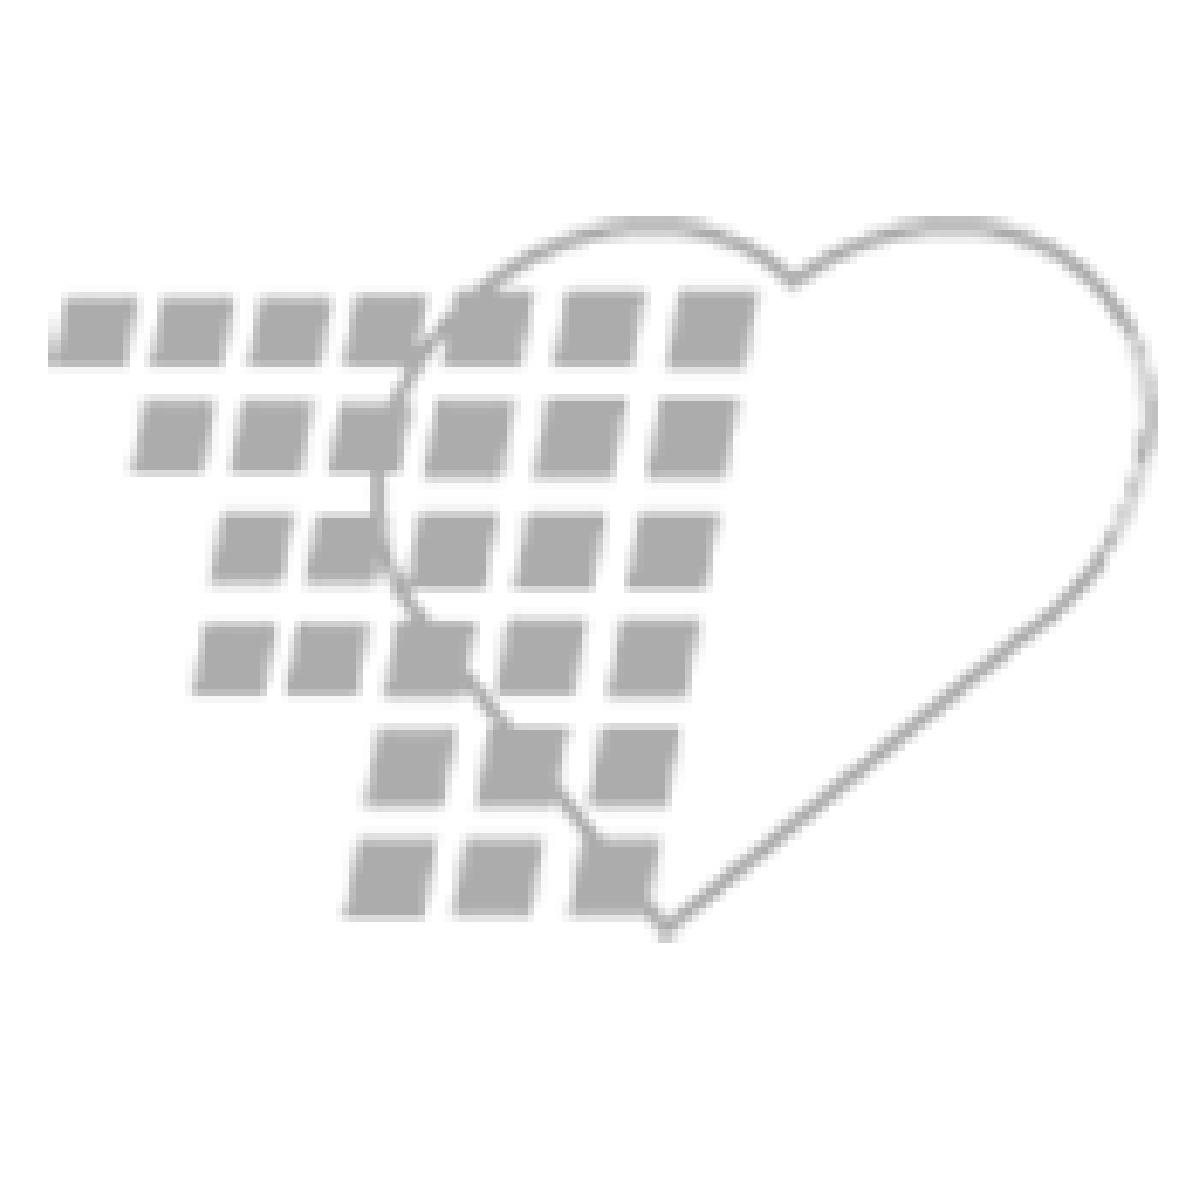 11-81-0003-BGELG - SimLeggings® - Large Beige